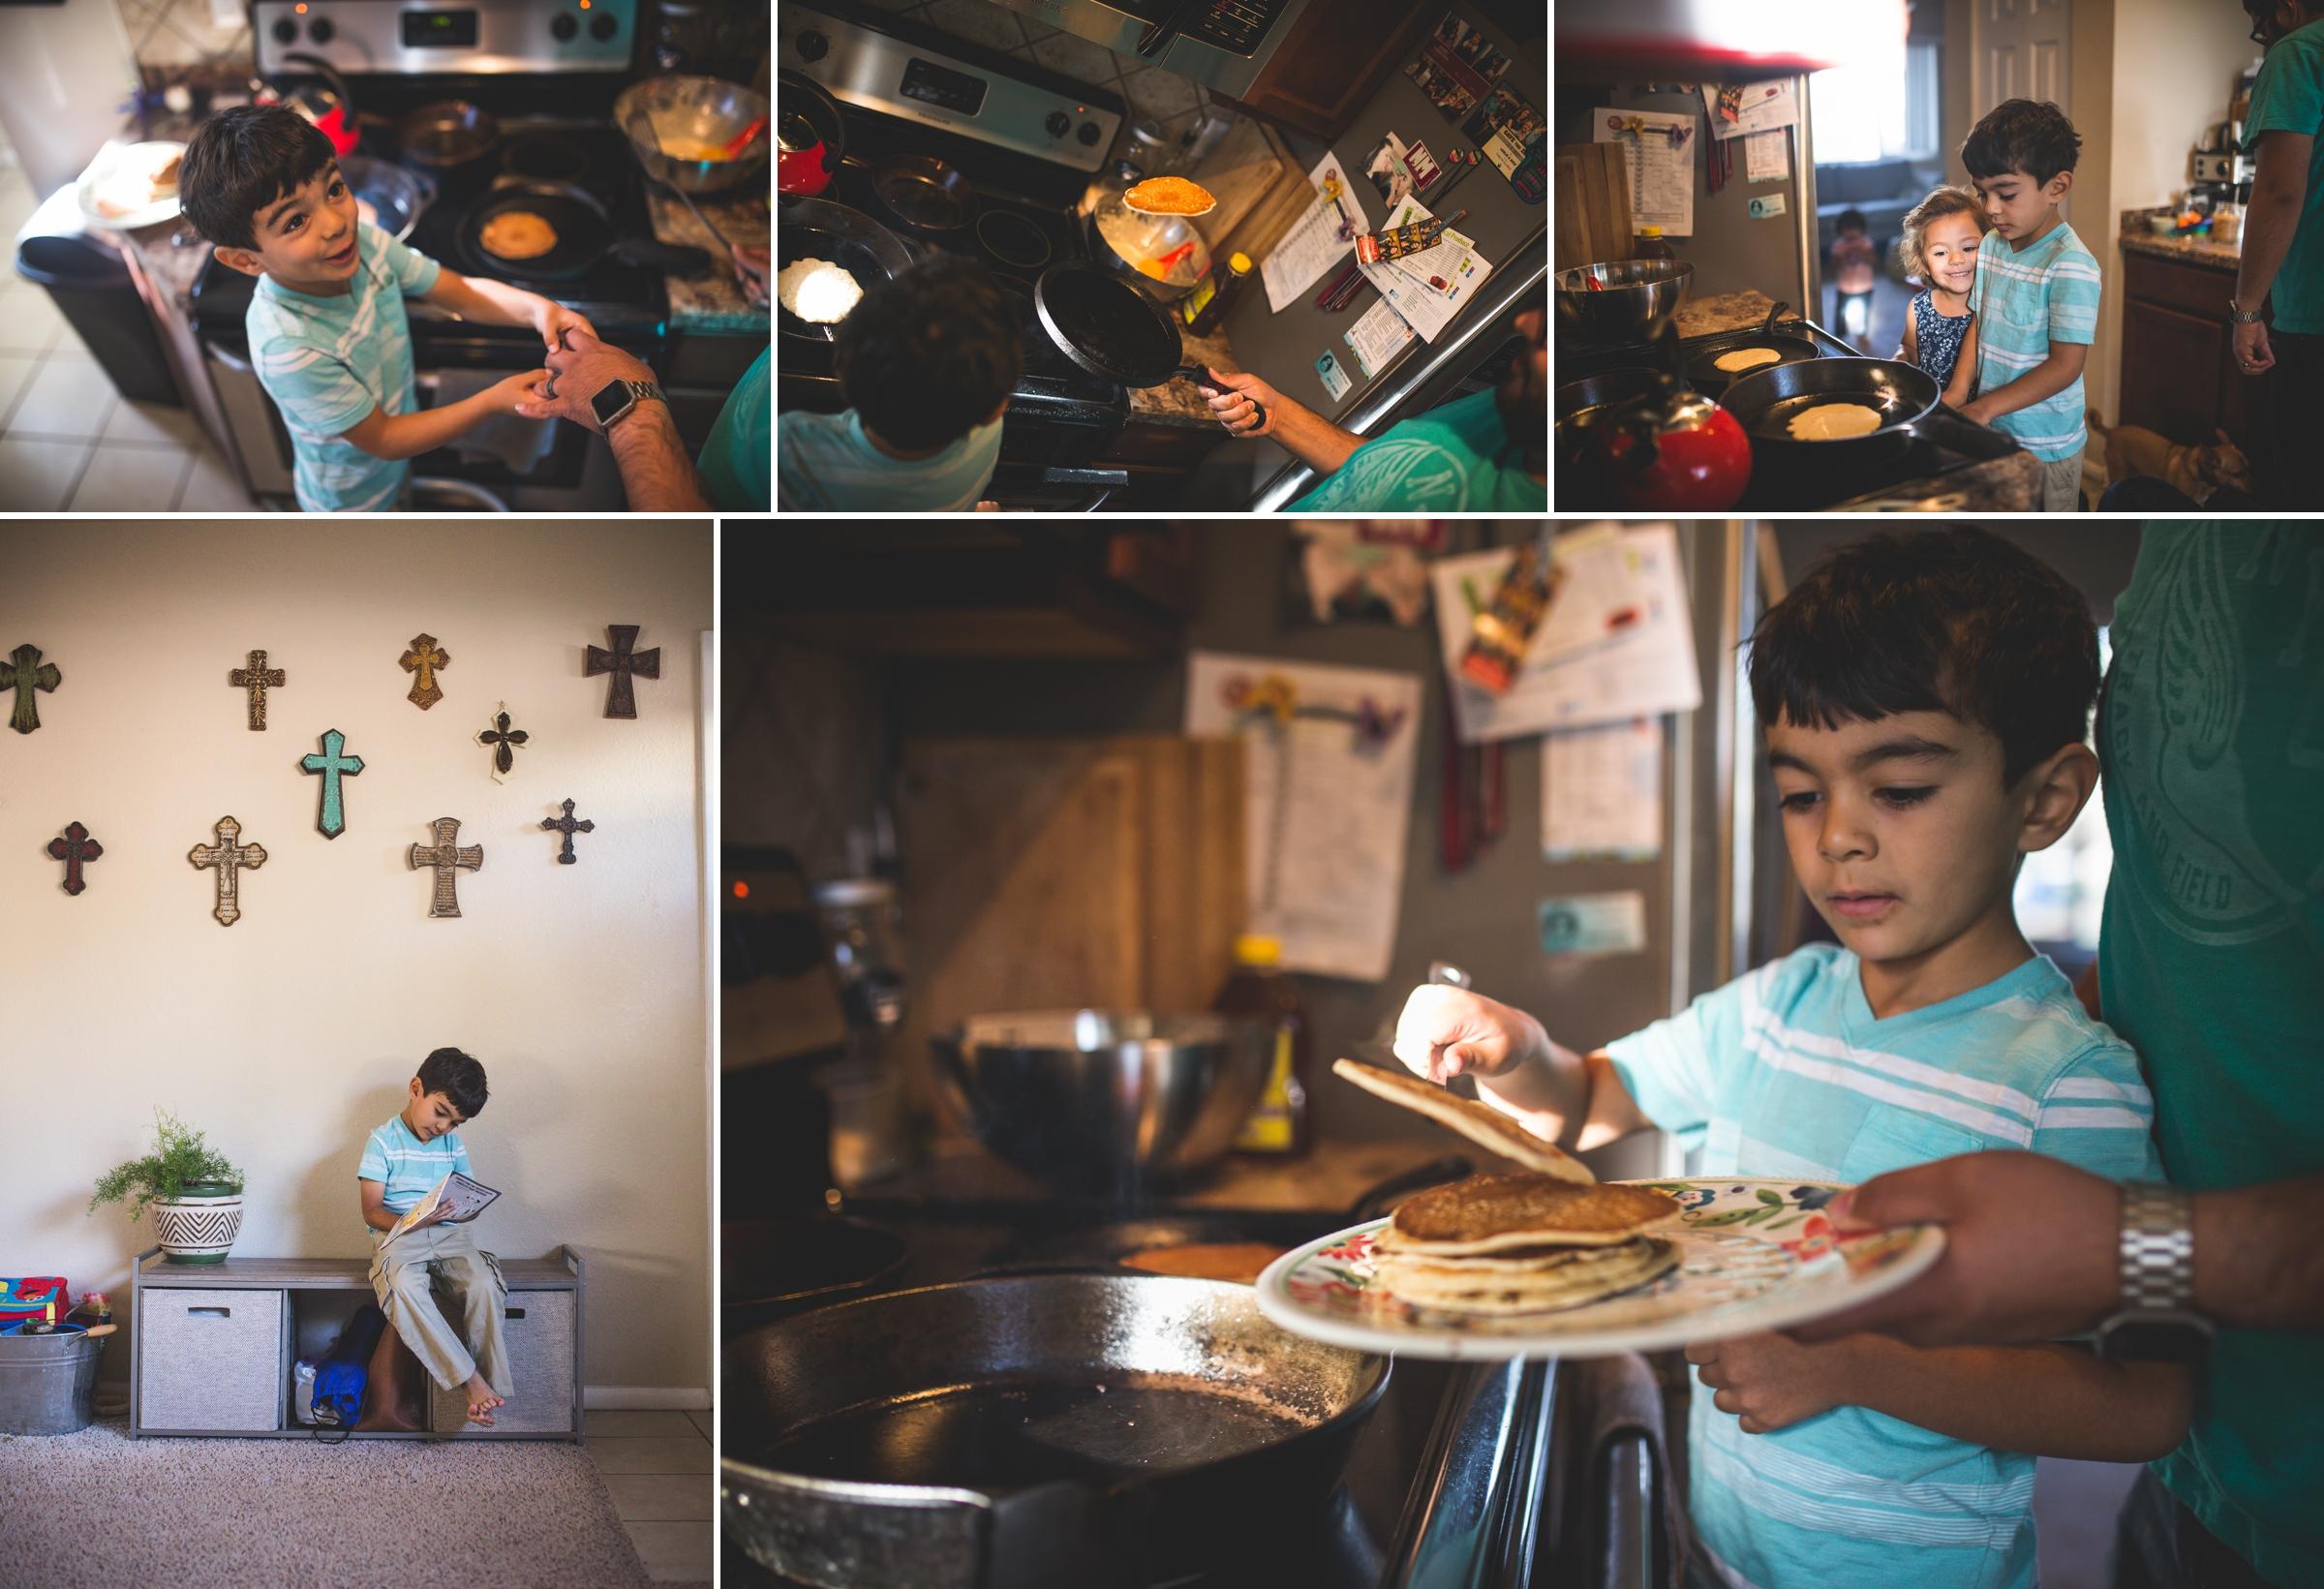 pancake making photo session